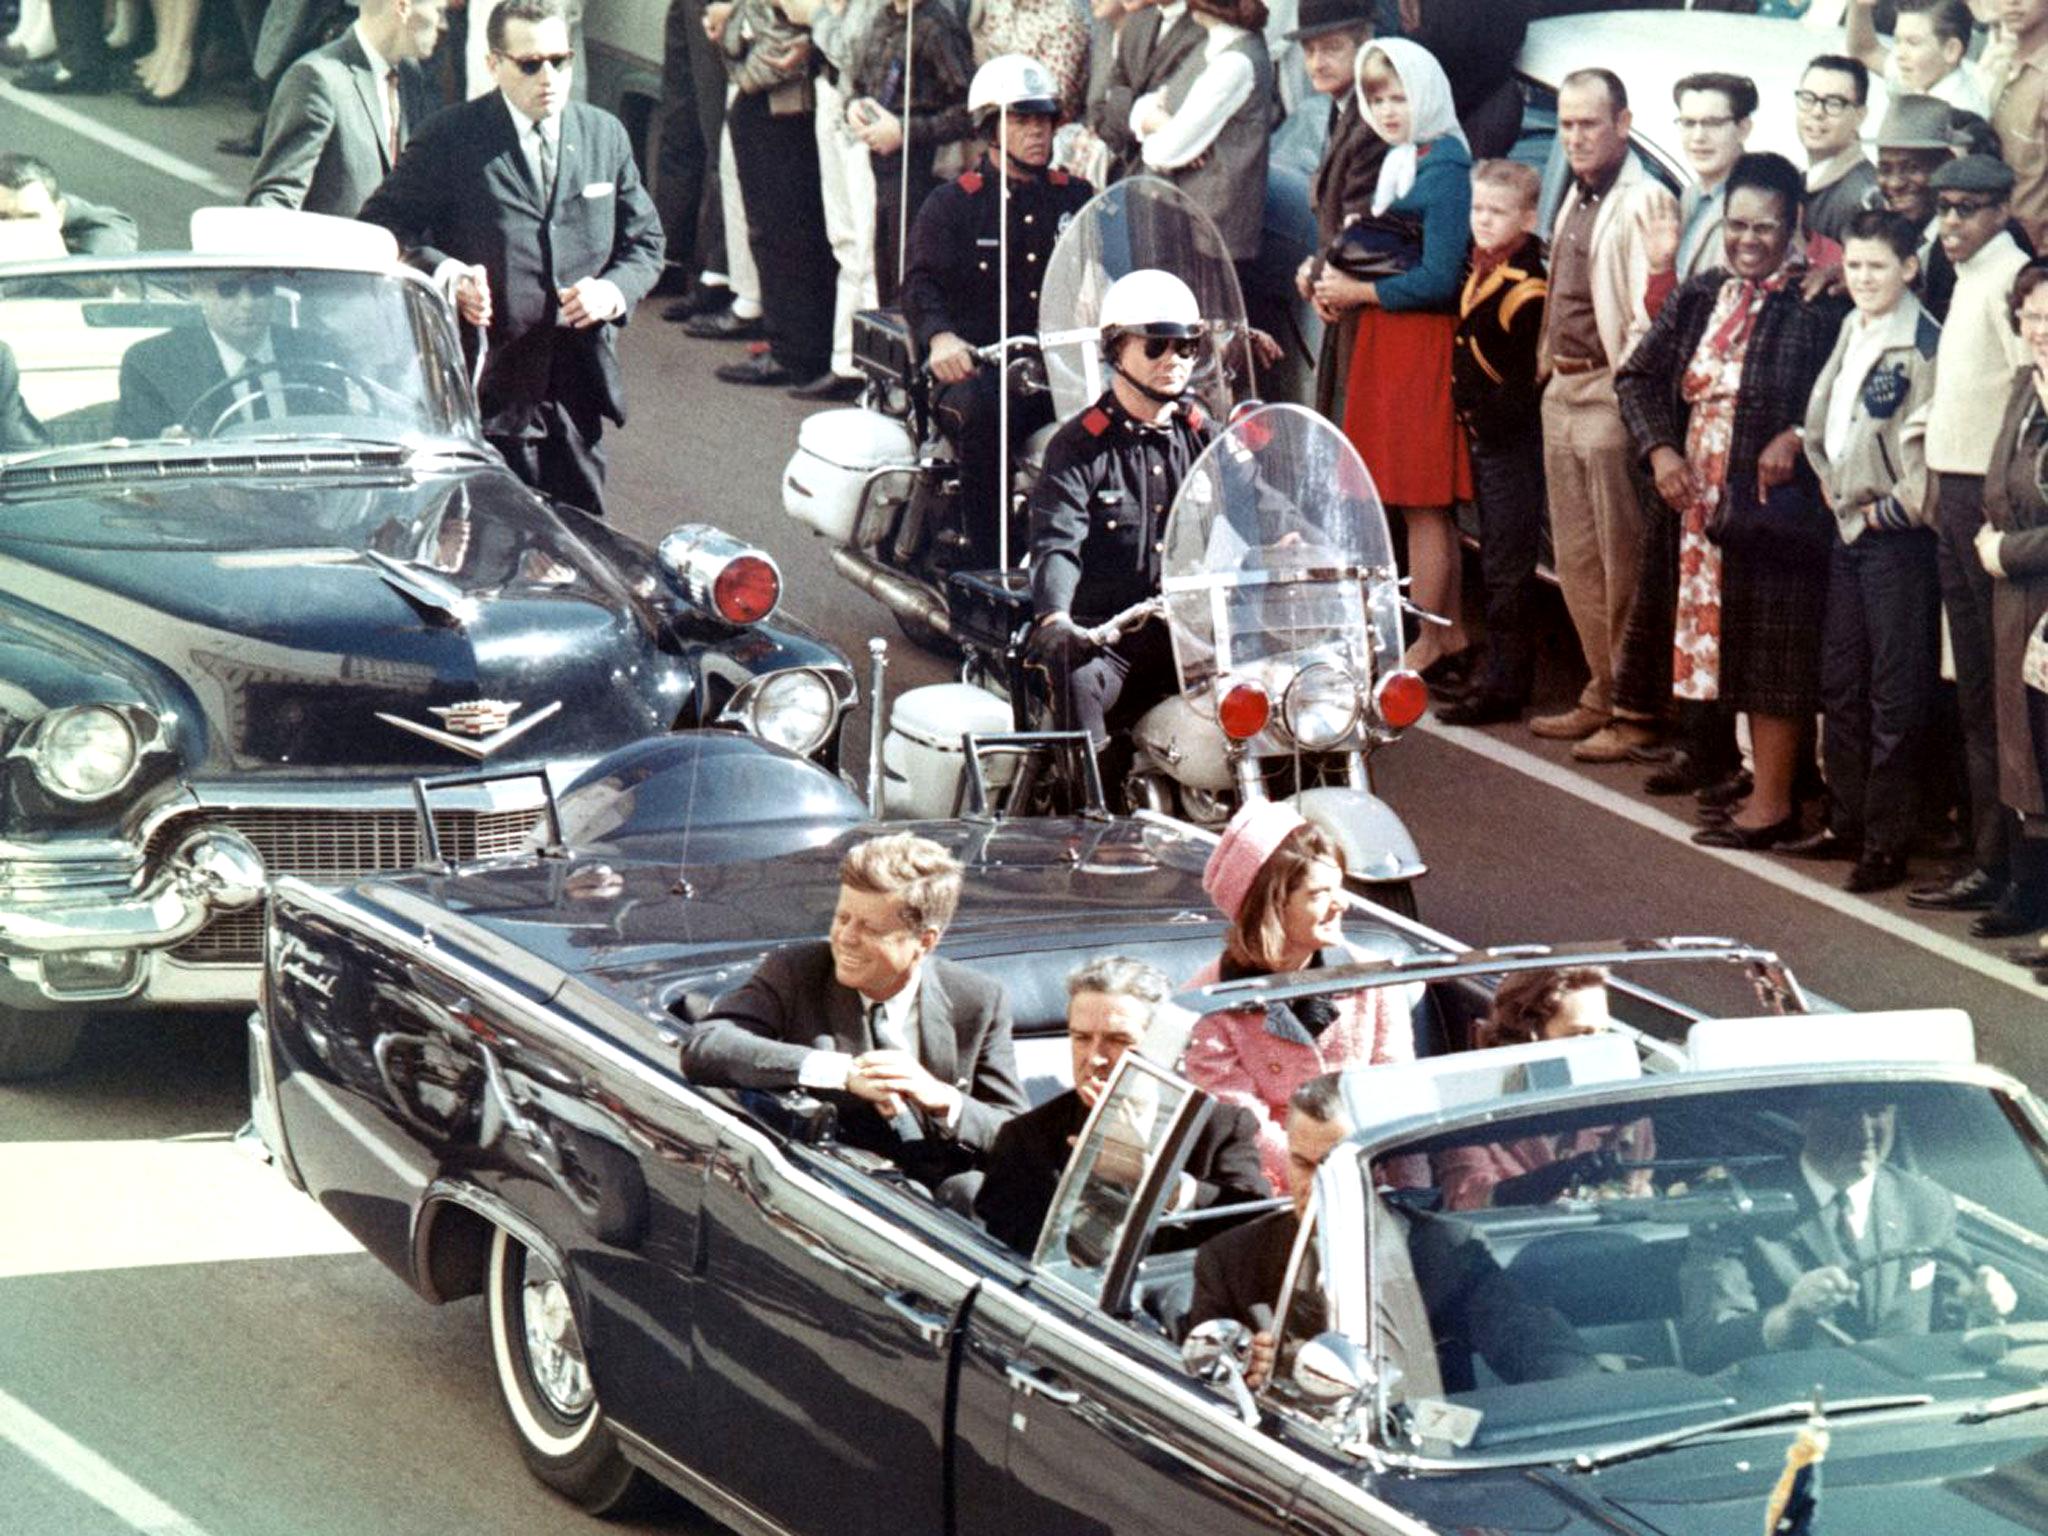 甘迺迪總統被暗殺的前幾分鐘,甘迺迪總統與總統夫人賈姬·甘迺迪,以及德克薩斯州州長約翰·康納利坐在總統車內。圖/維基百科